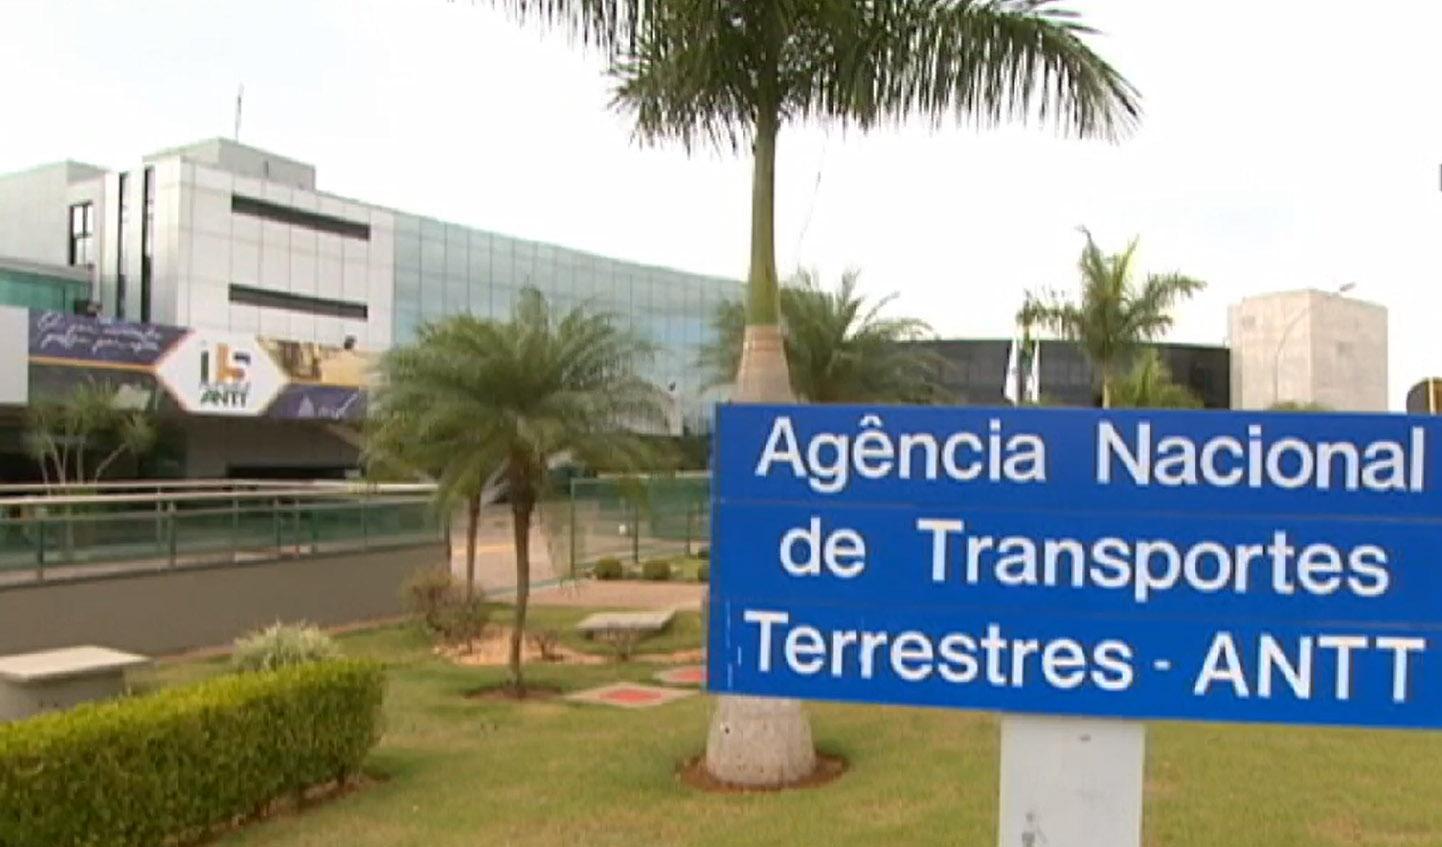 Administração Pública - geral - agências reguladoras ANTT Transportes Terrestres